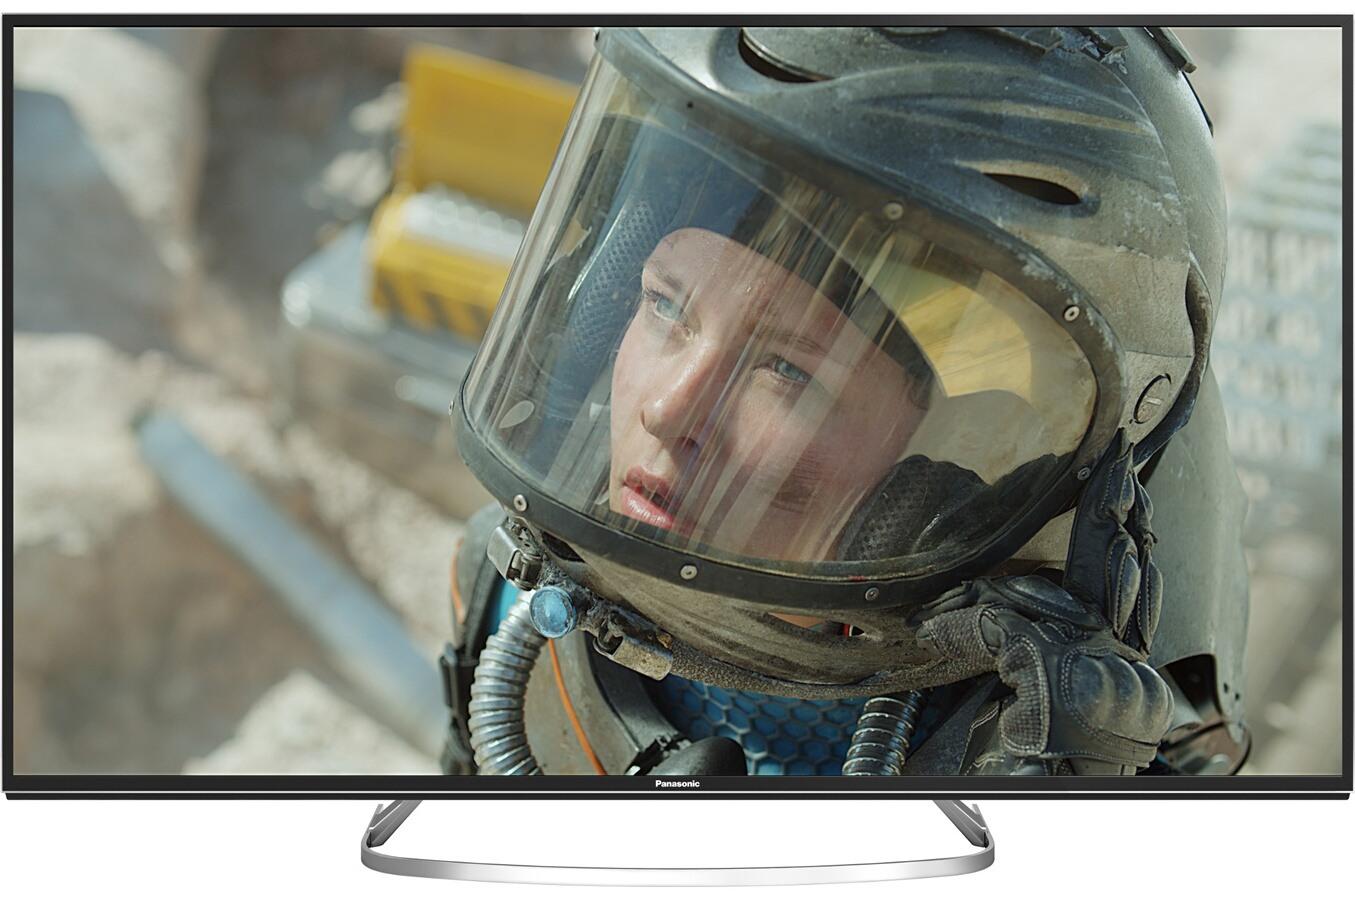 Test Labo du Panasonic TX-55FX620 : un téléviseur correct, sans plus